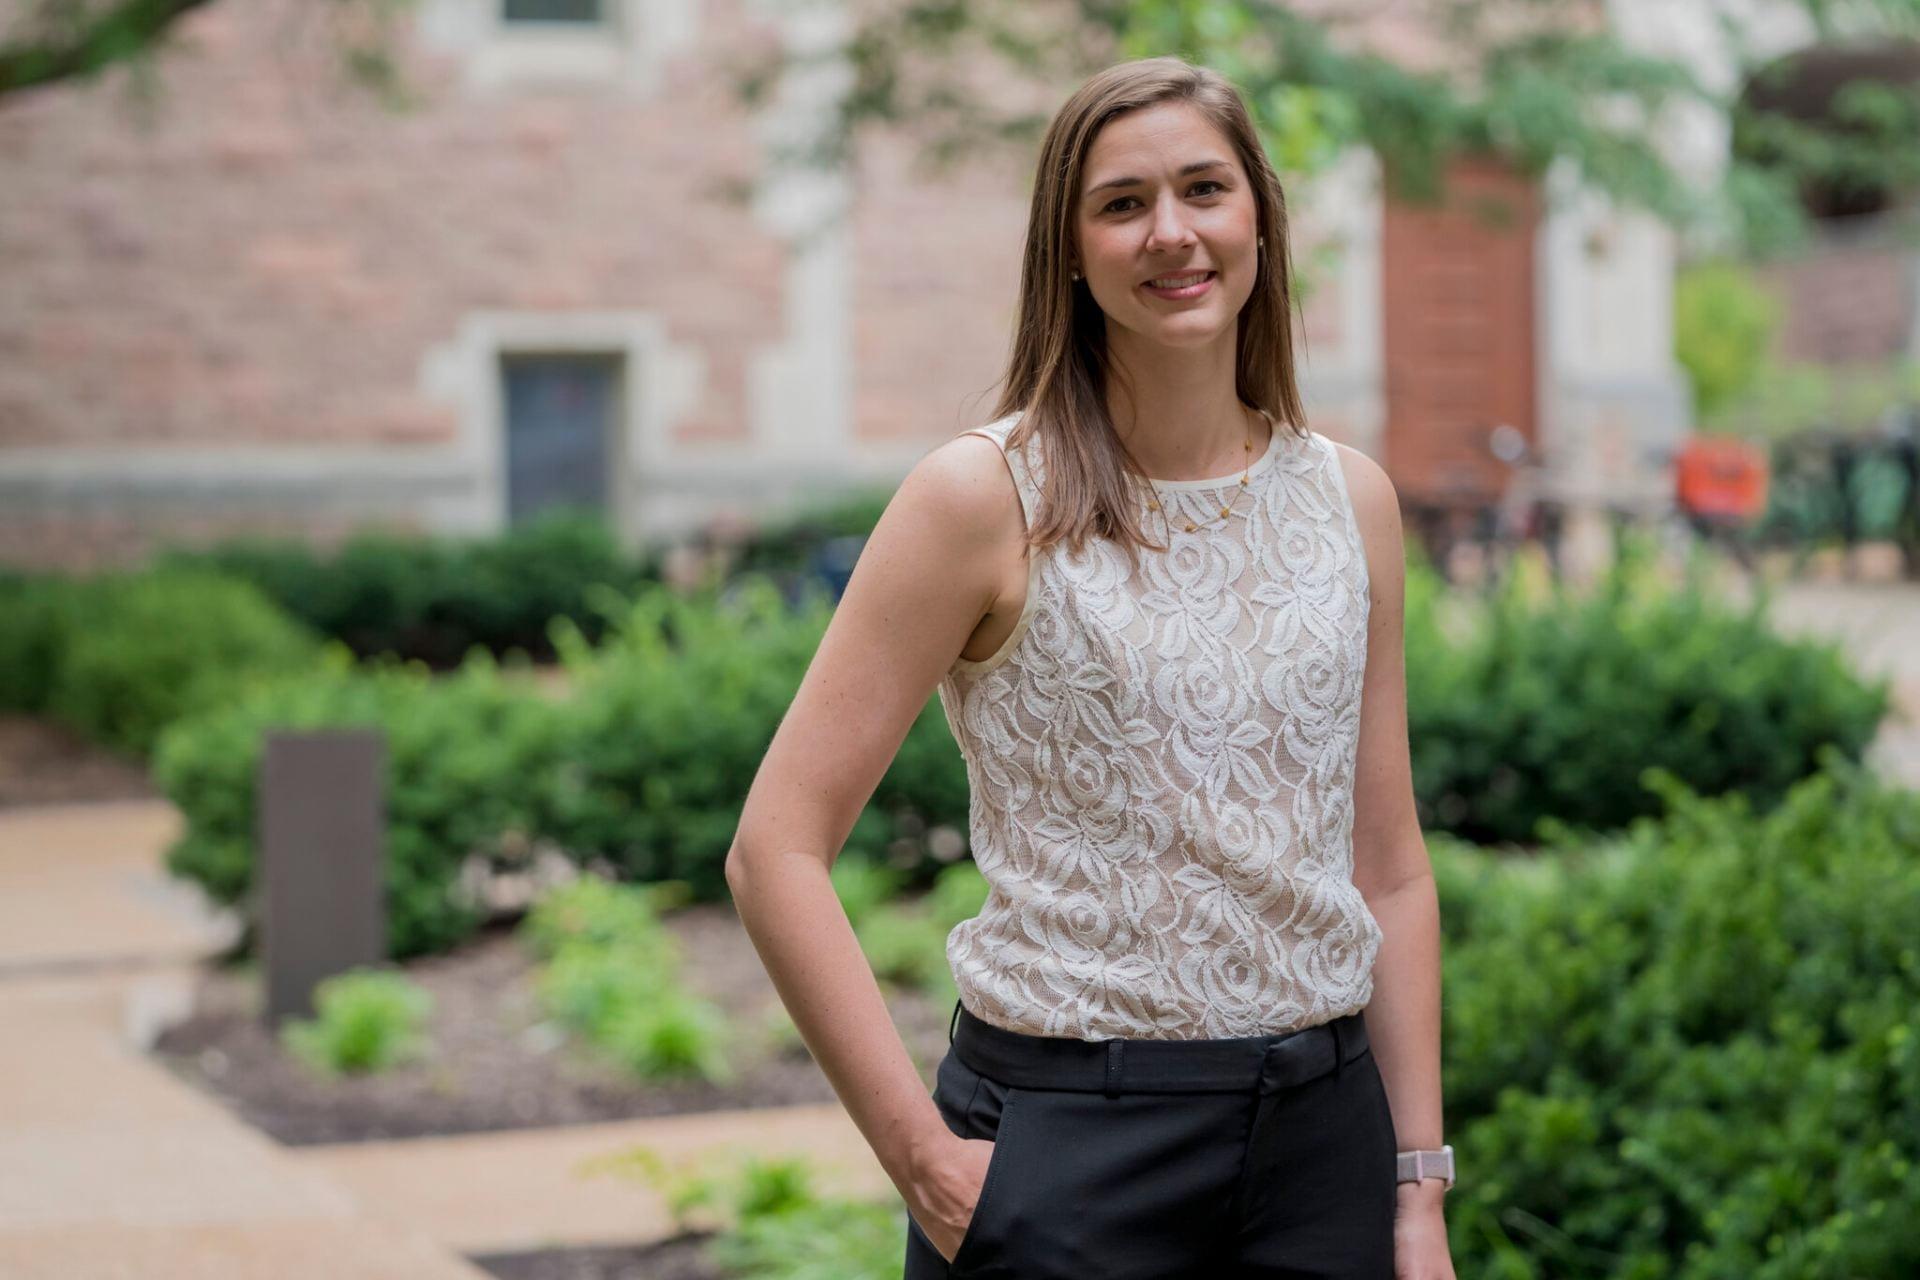 Faculty Spotlight: Maura Kepper